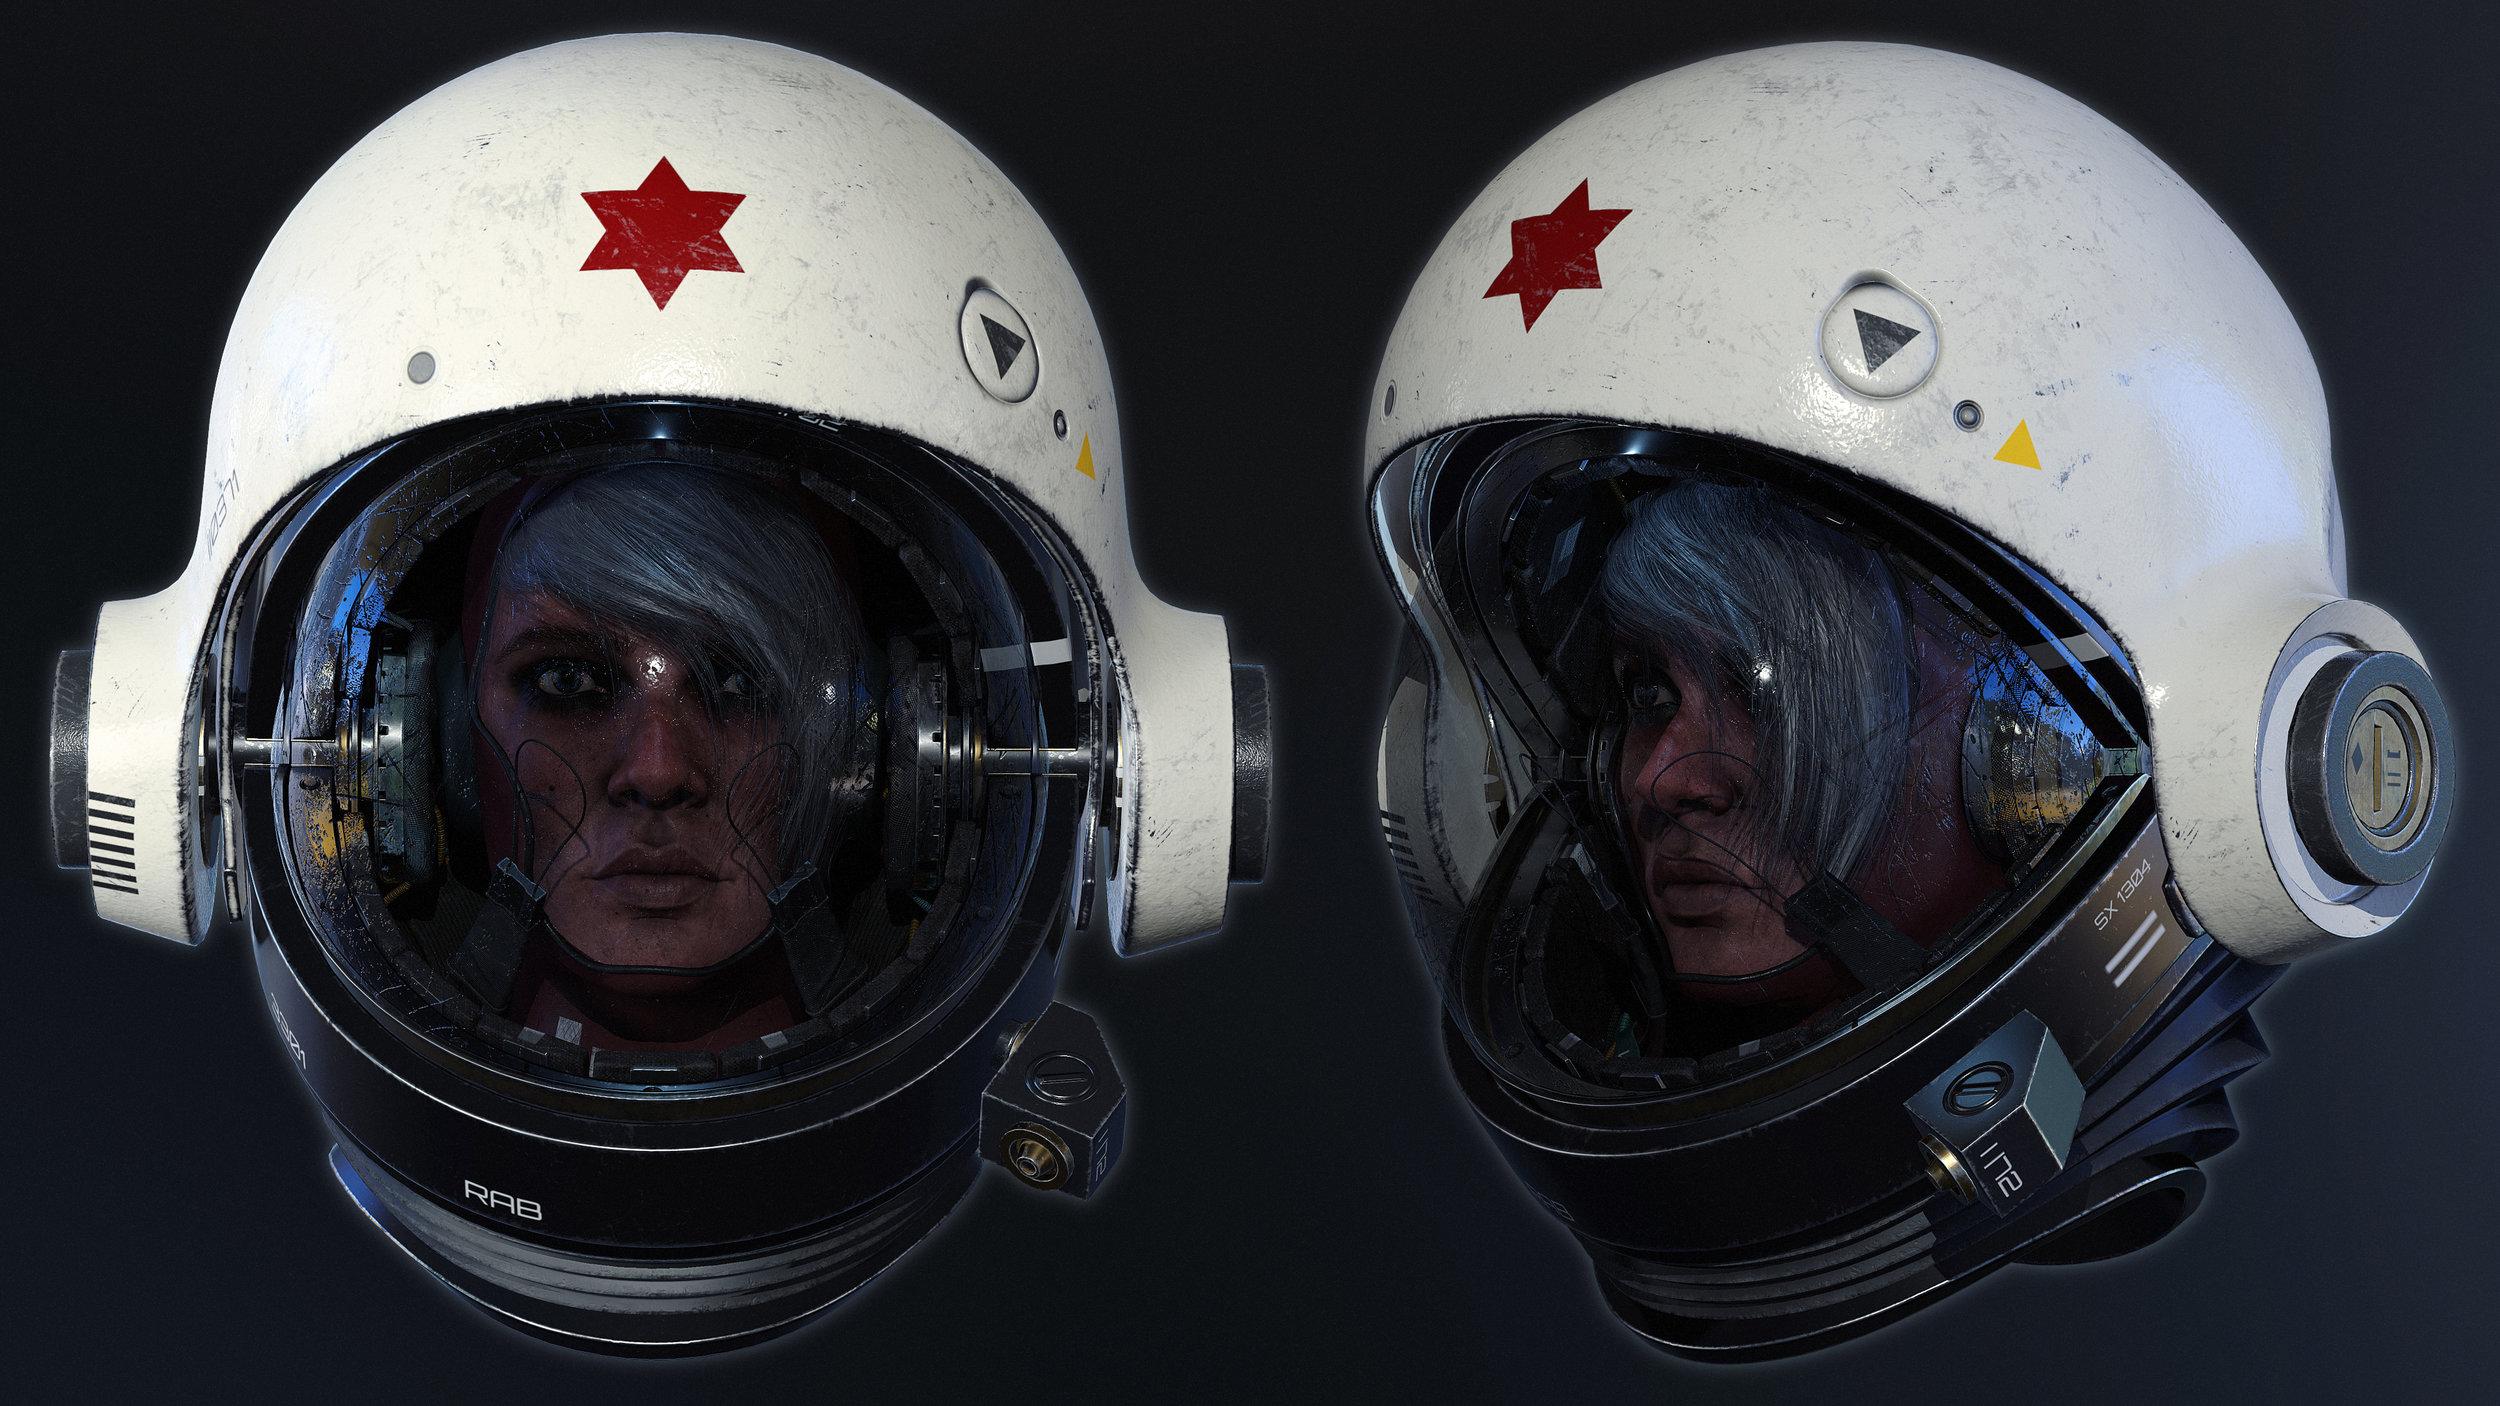 Ryan_Blake_Cosmonaut_Heads_02_visor down.jpg